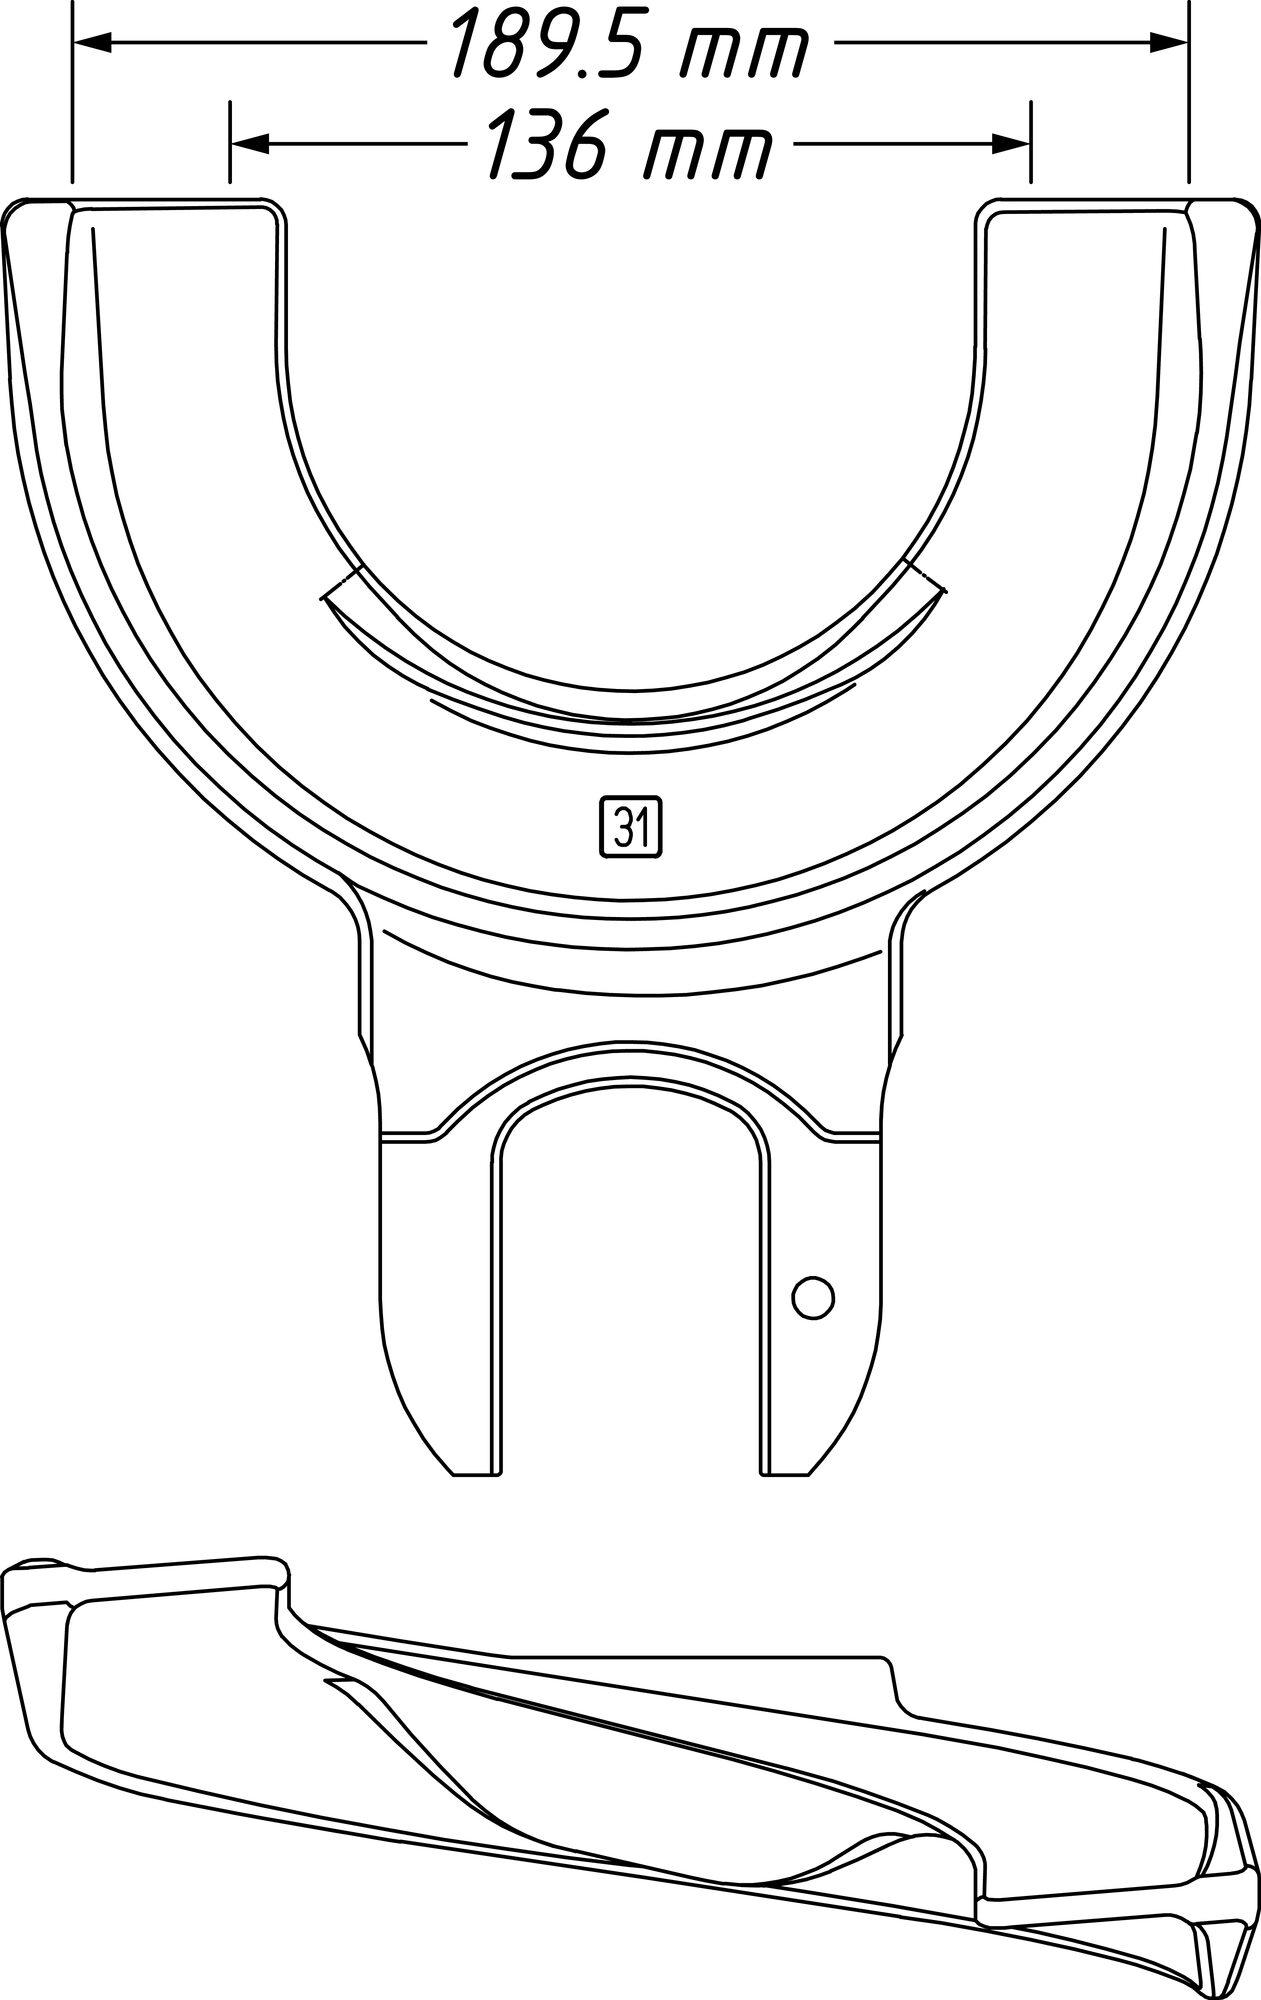 HAZET Spannplatte 4900-31 ∙ 136–189.5